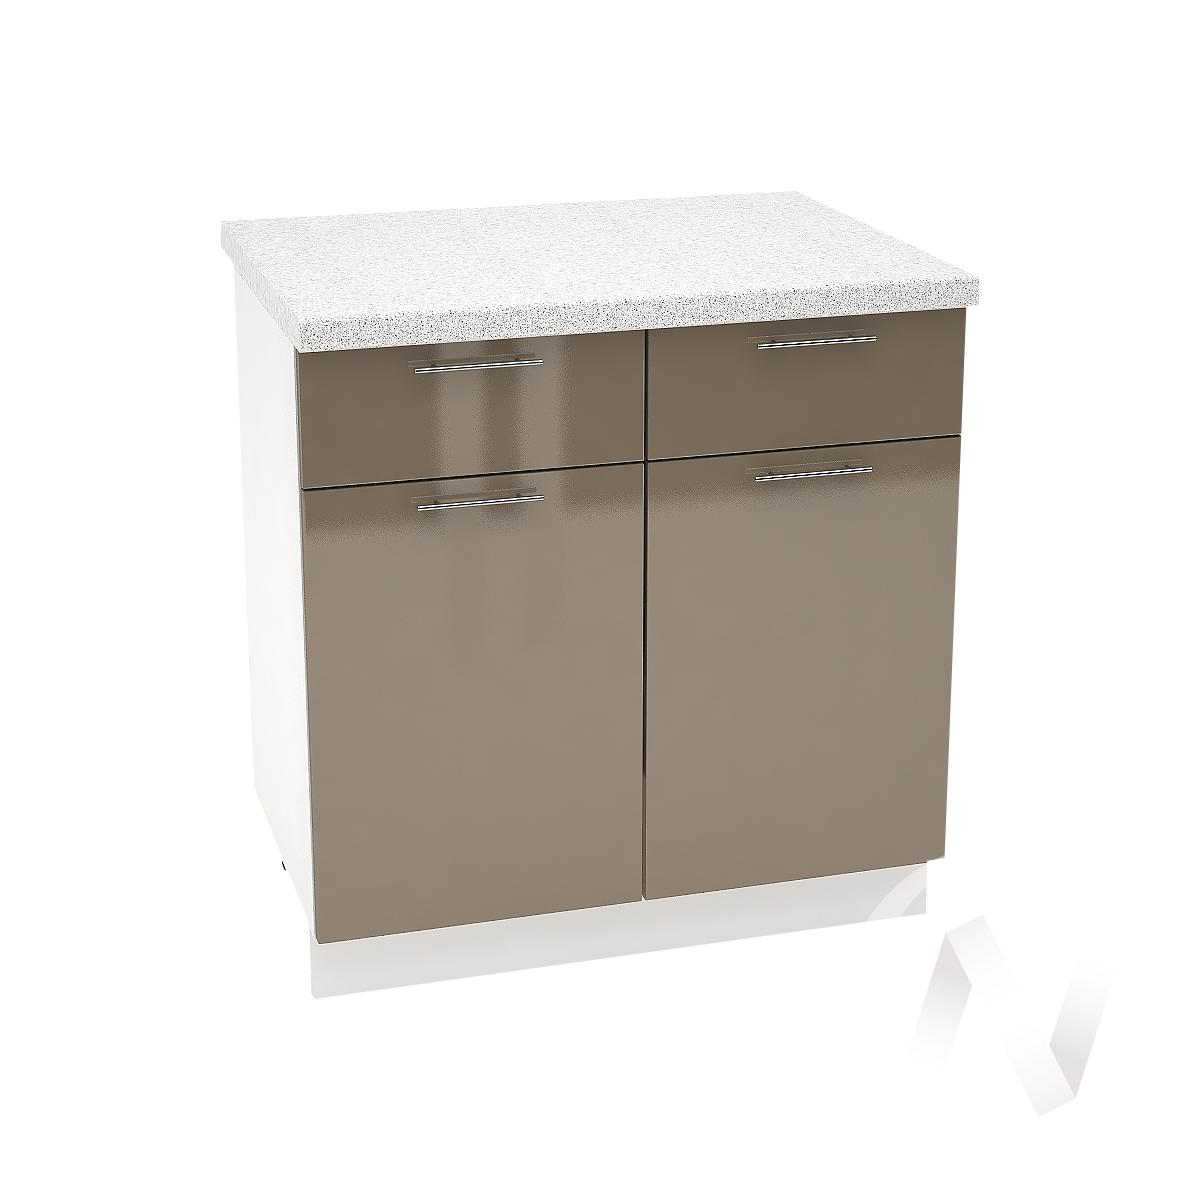 """Кухня """"Валерия-М"""": Шкаф нижний с ящиками 800, ШН1Я 800 (Капучино глянец/корпус белый)"""